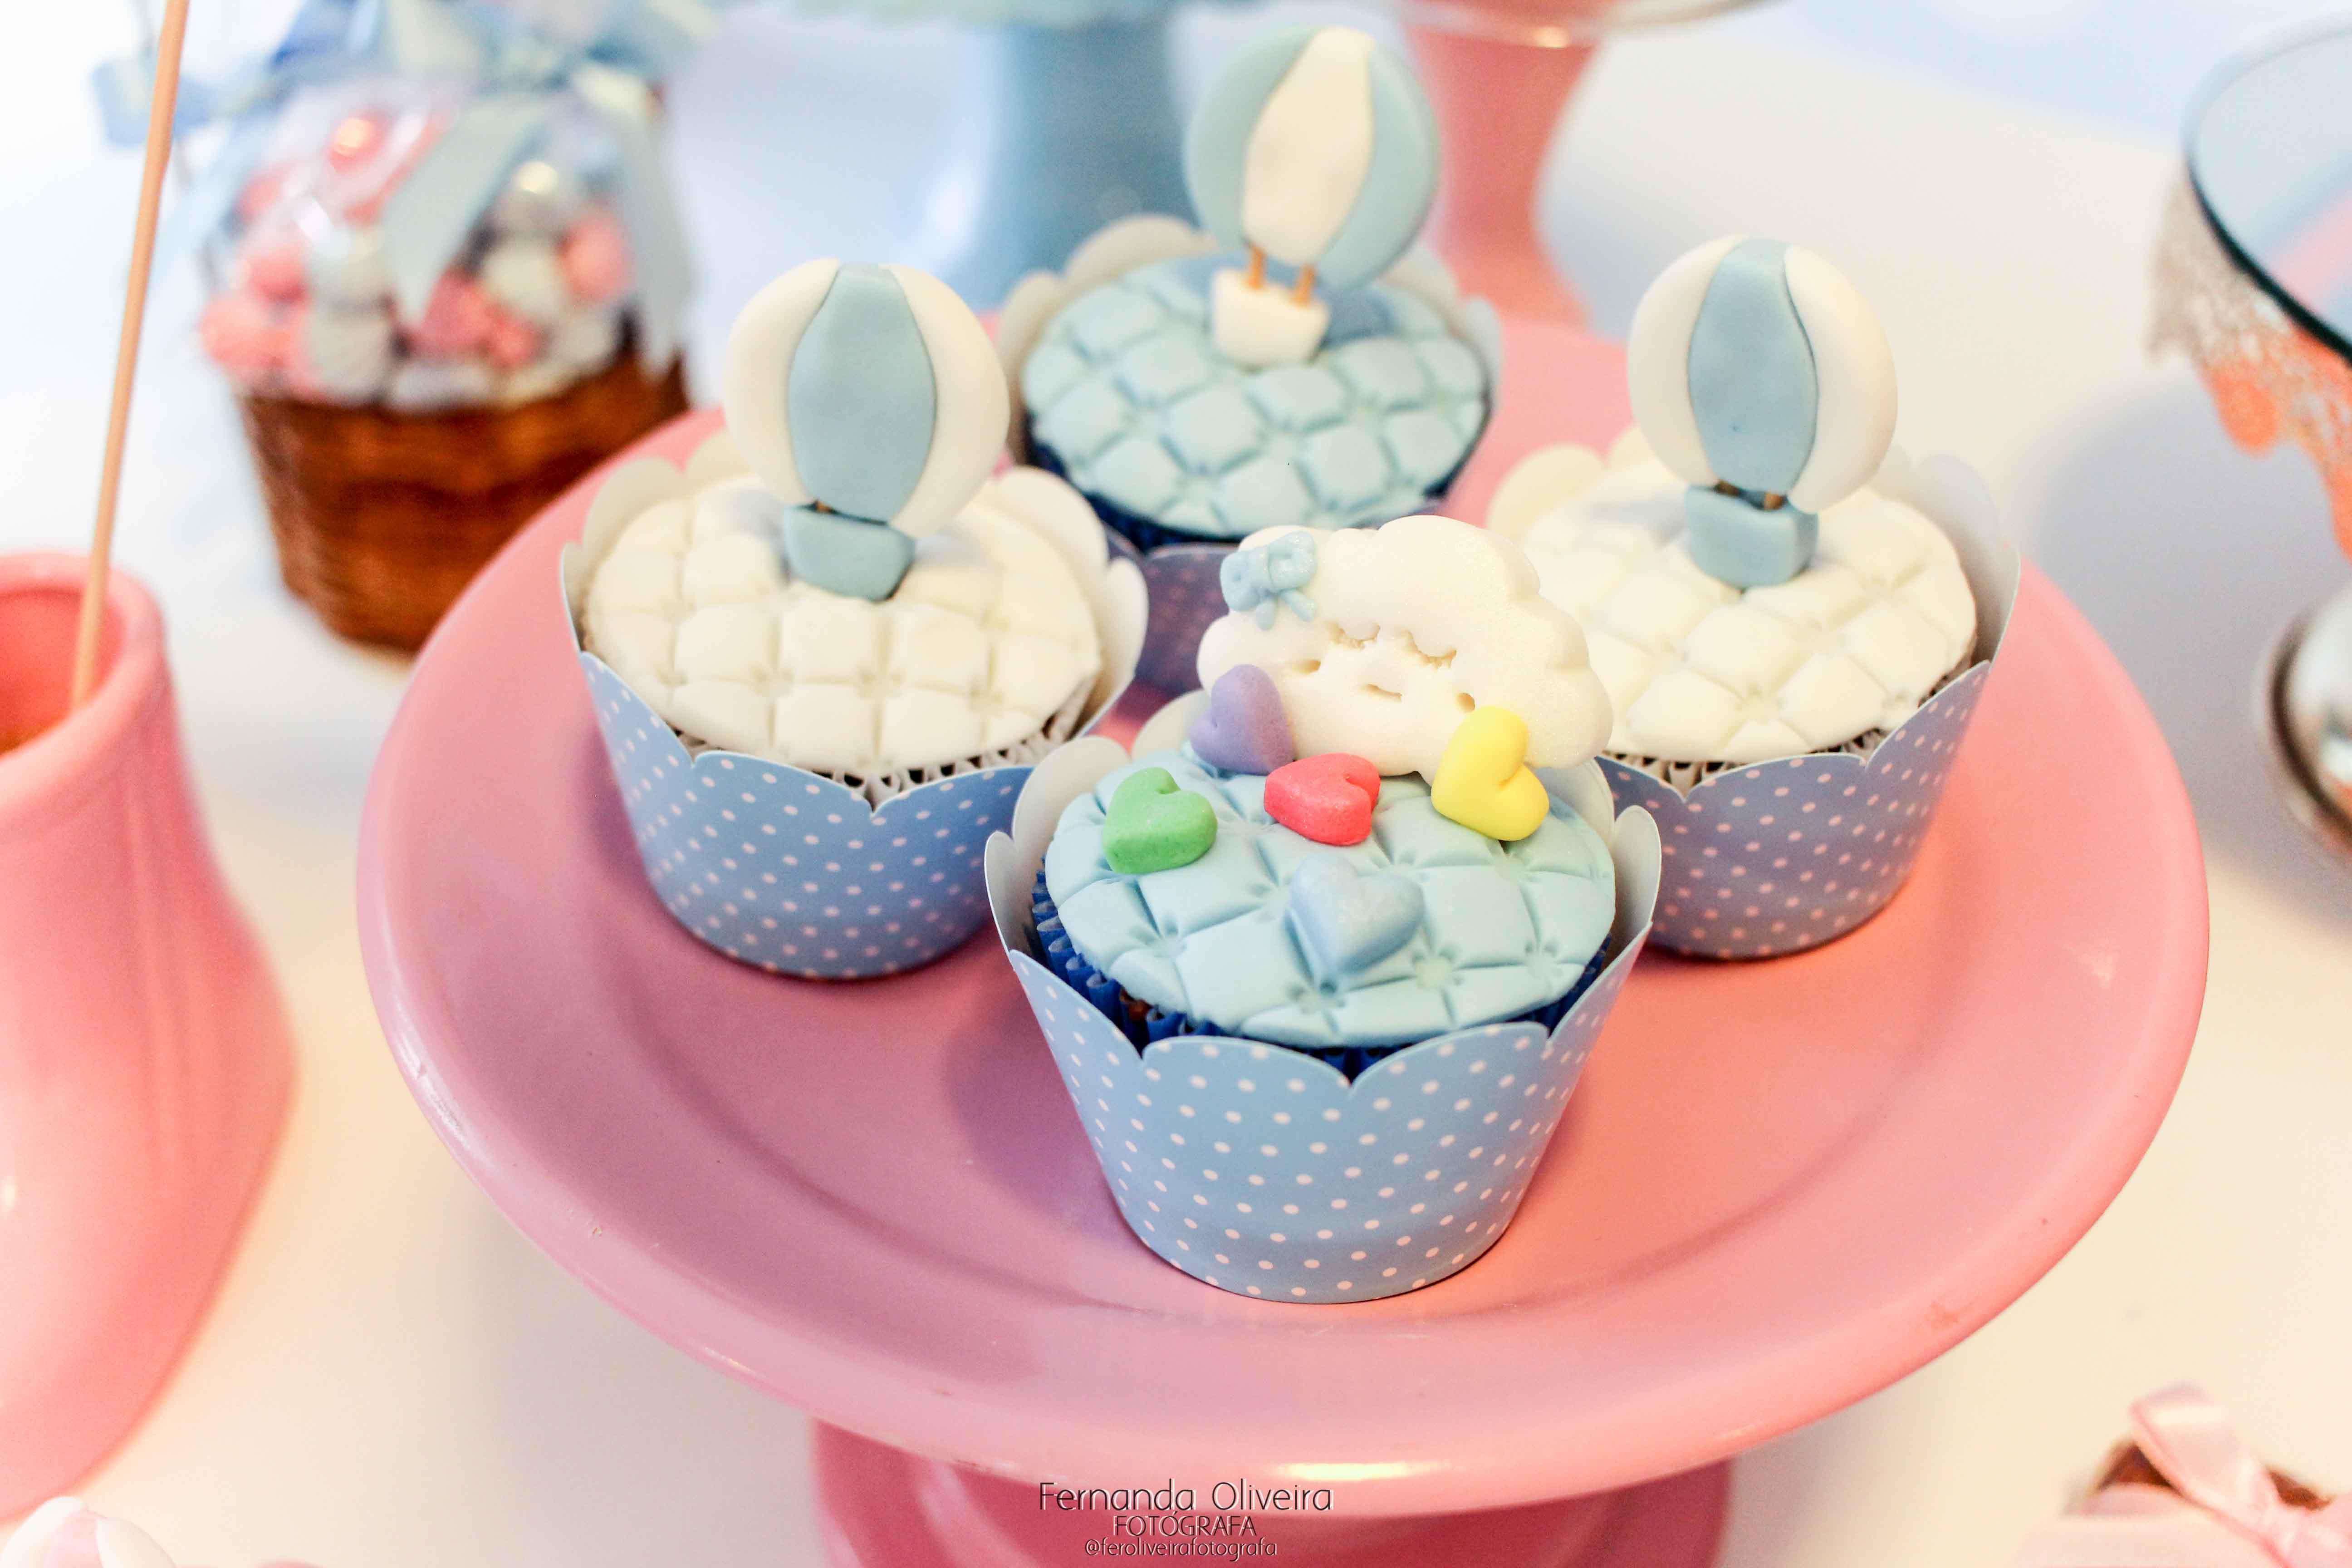 cha_revelacao_fornecedores_cupcakes_1